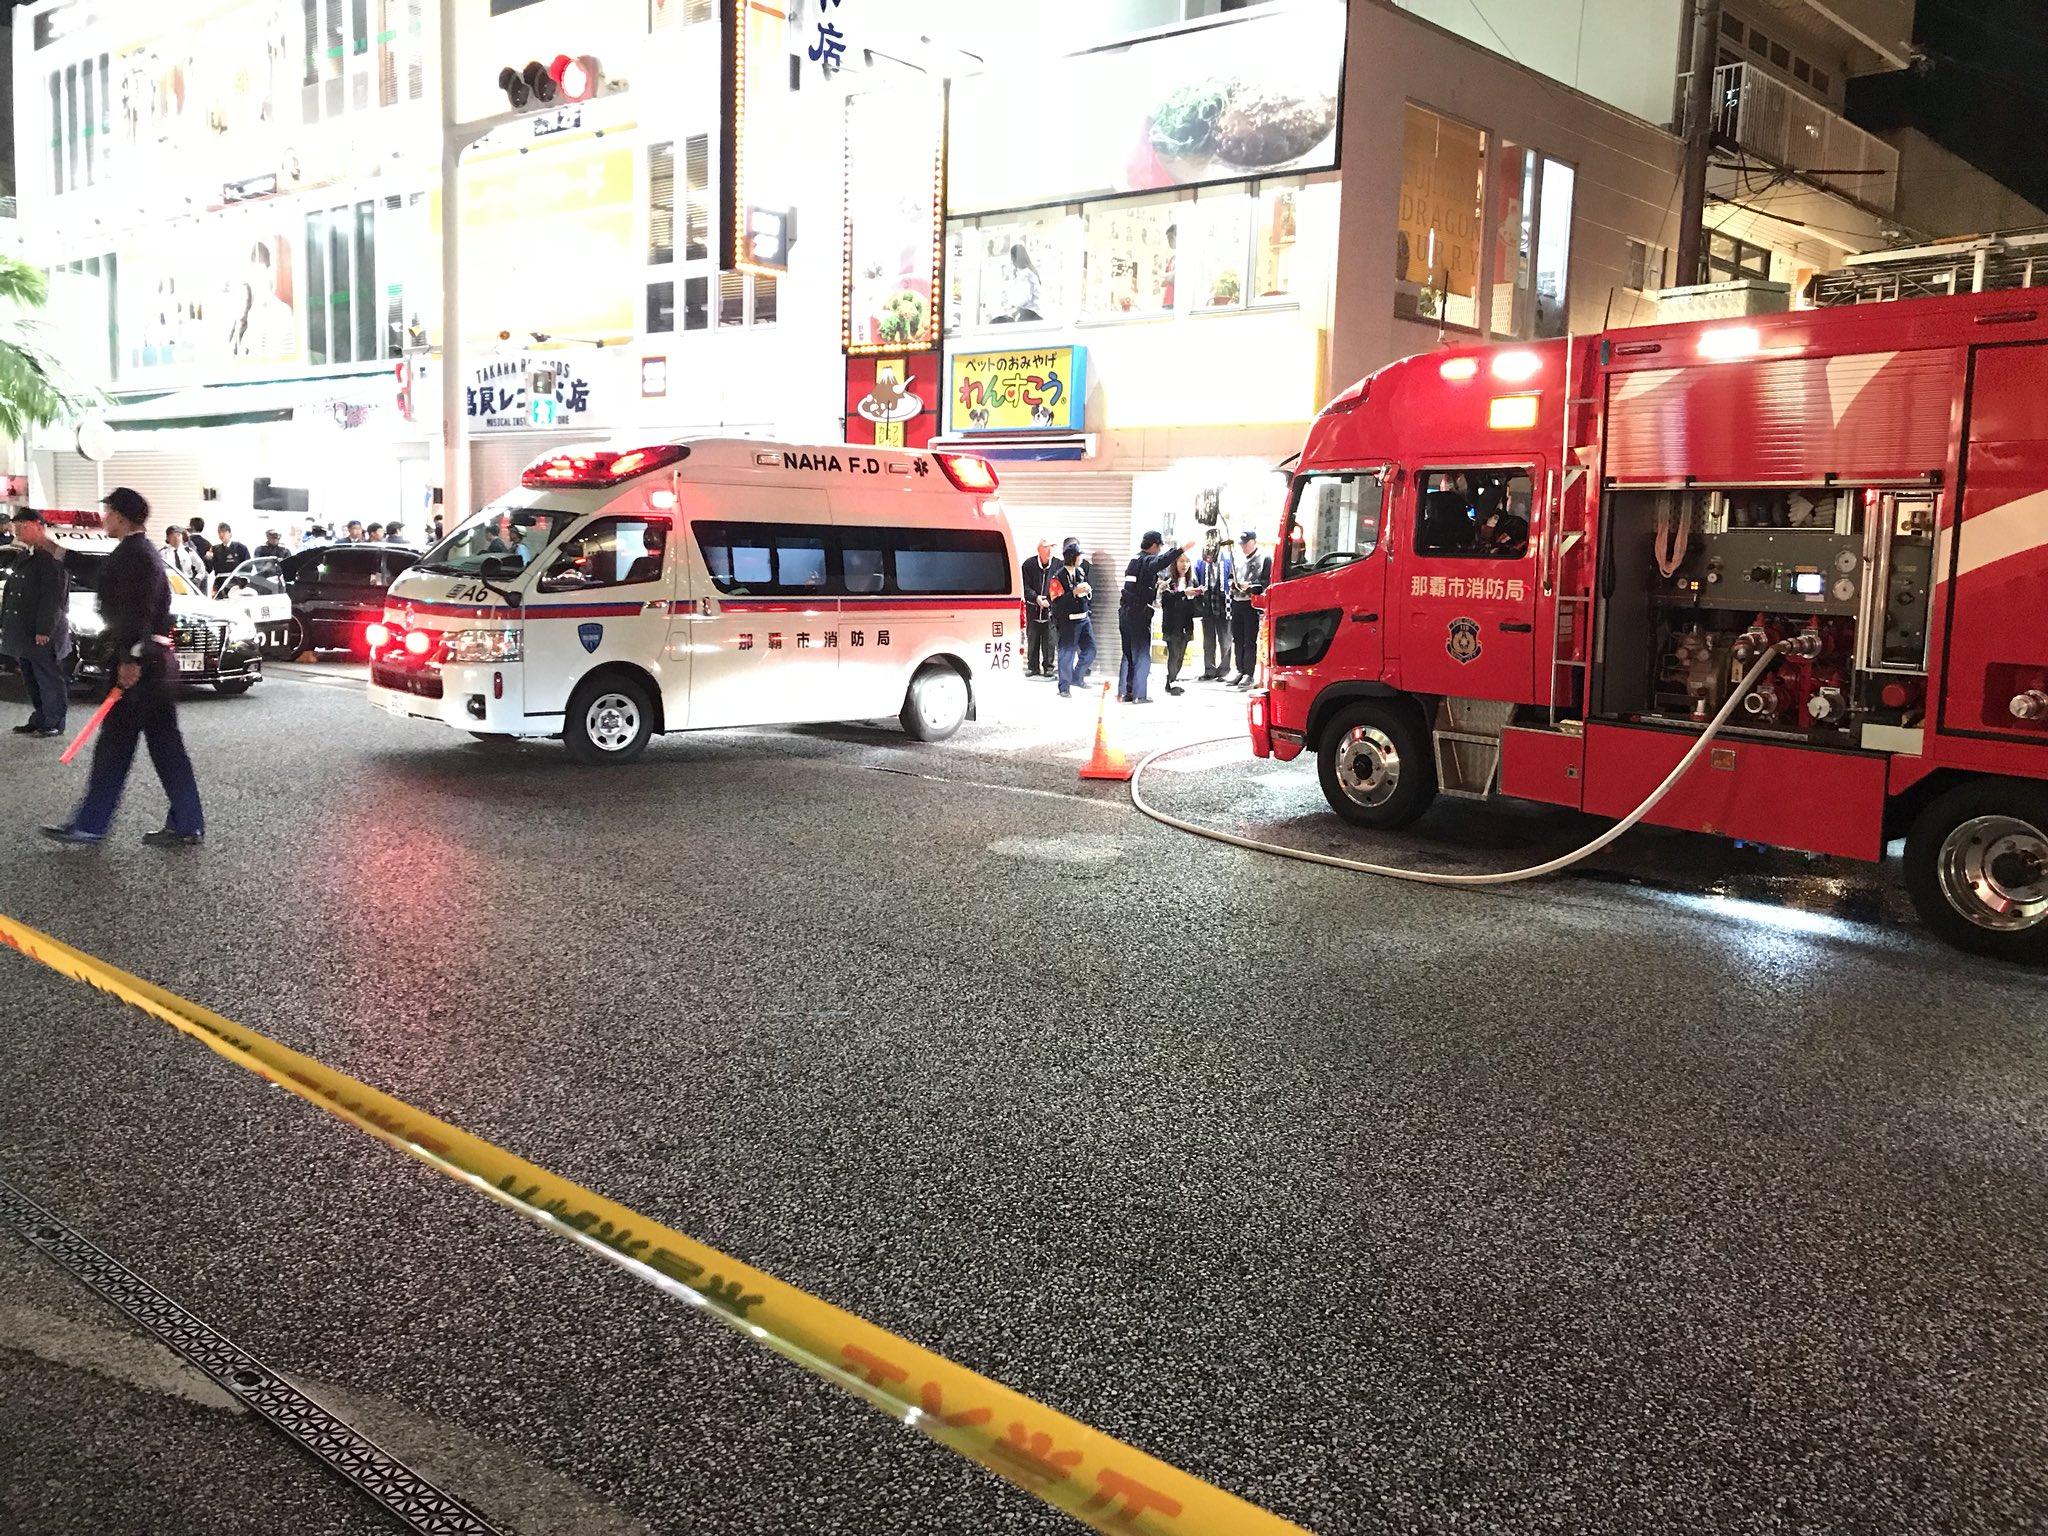 画像,那覇市国際通り近くで火災か?国際通り交通規制で、路線バスとタクシー、バイク以外は通行止めの模様 https://t.co/8n4ZRgSflC…